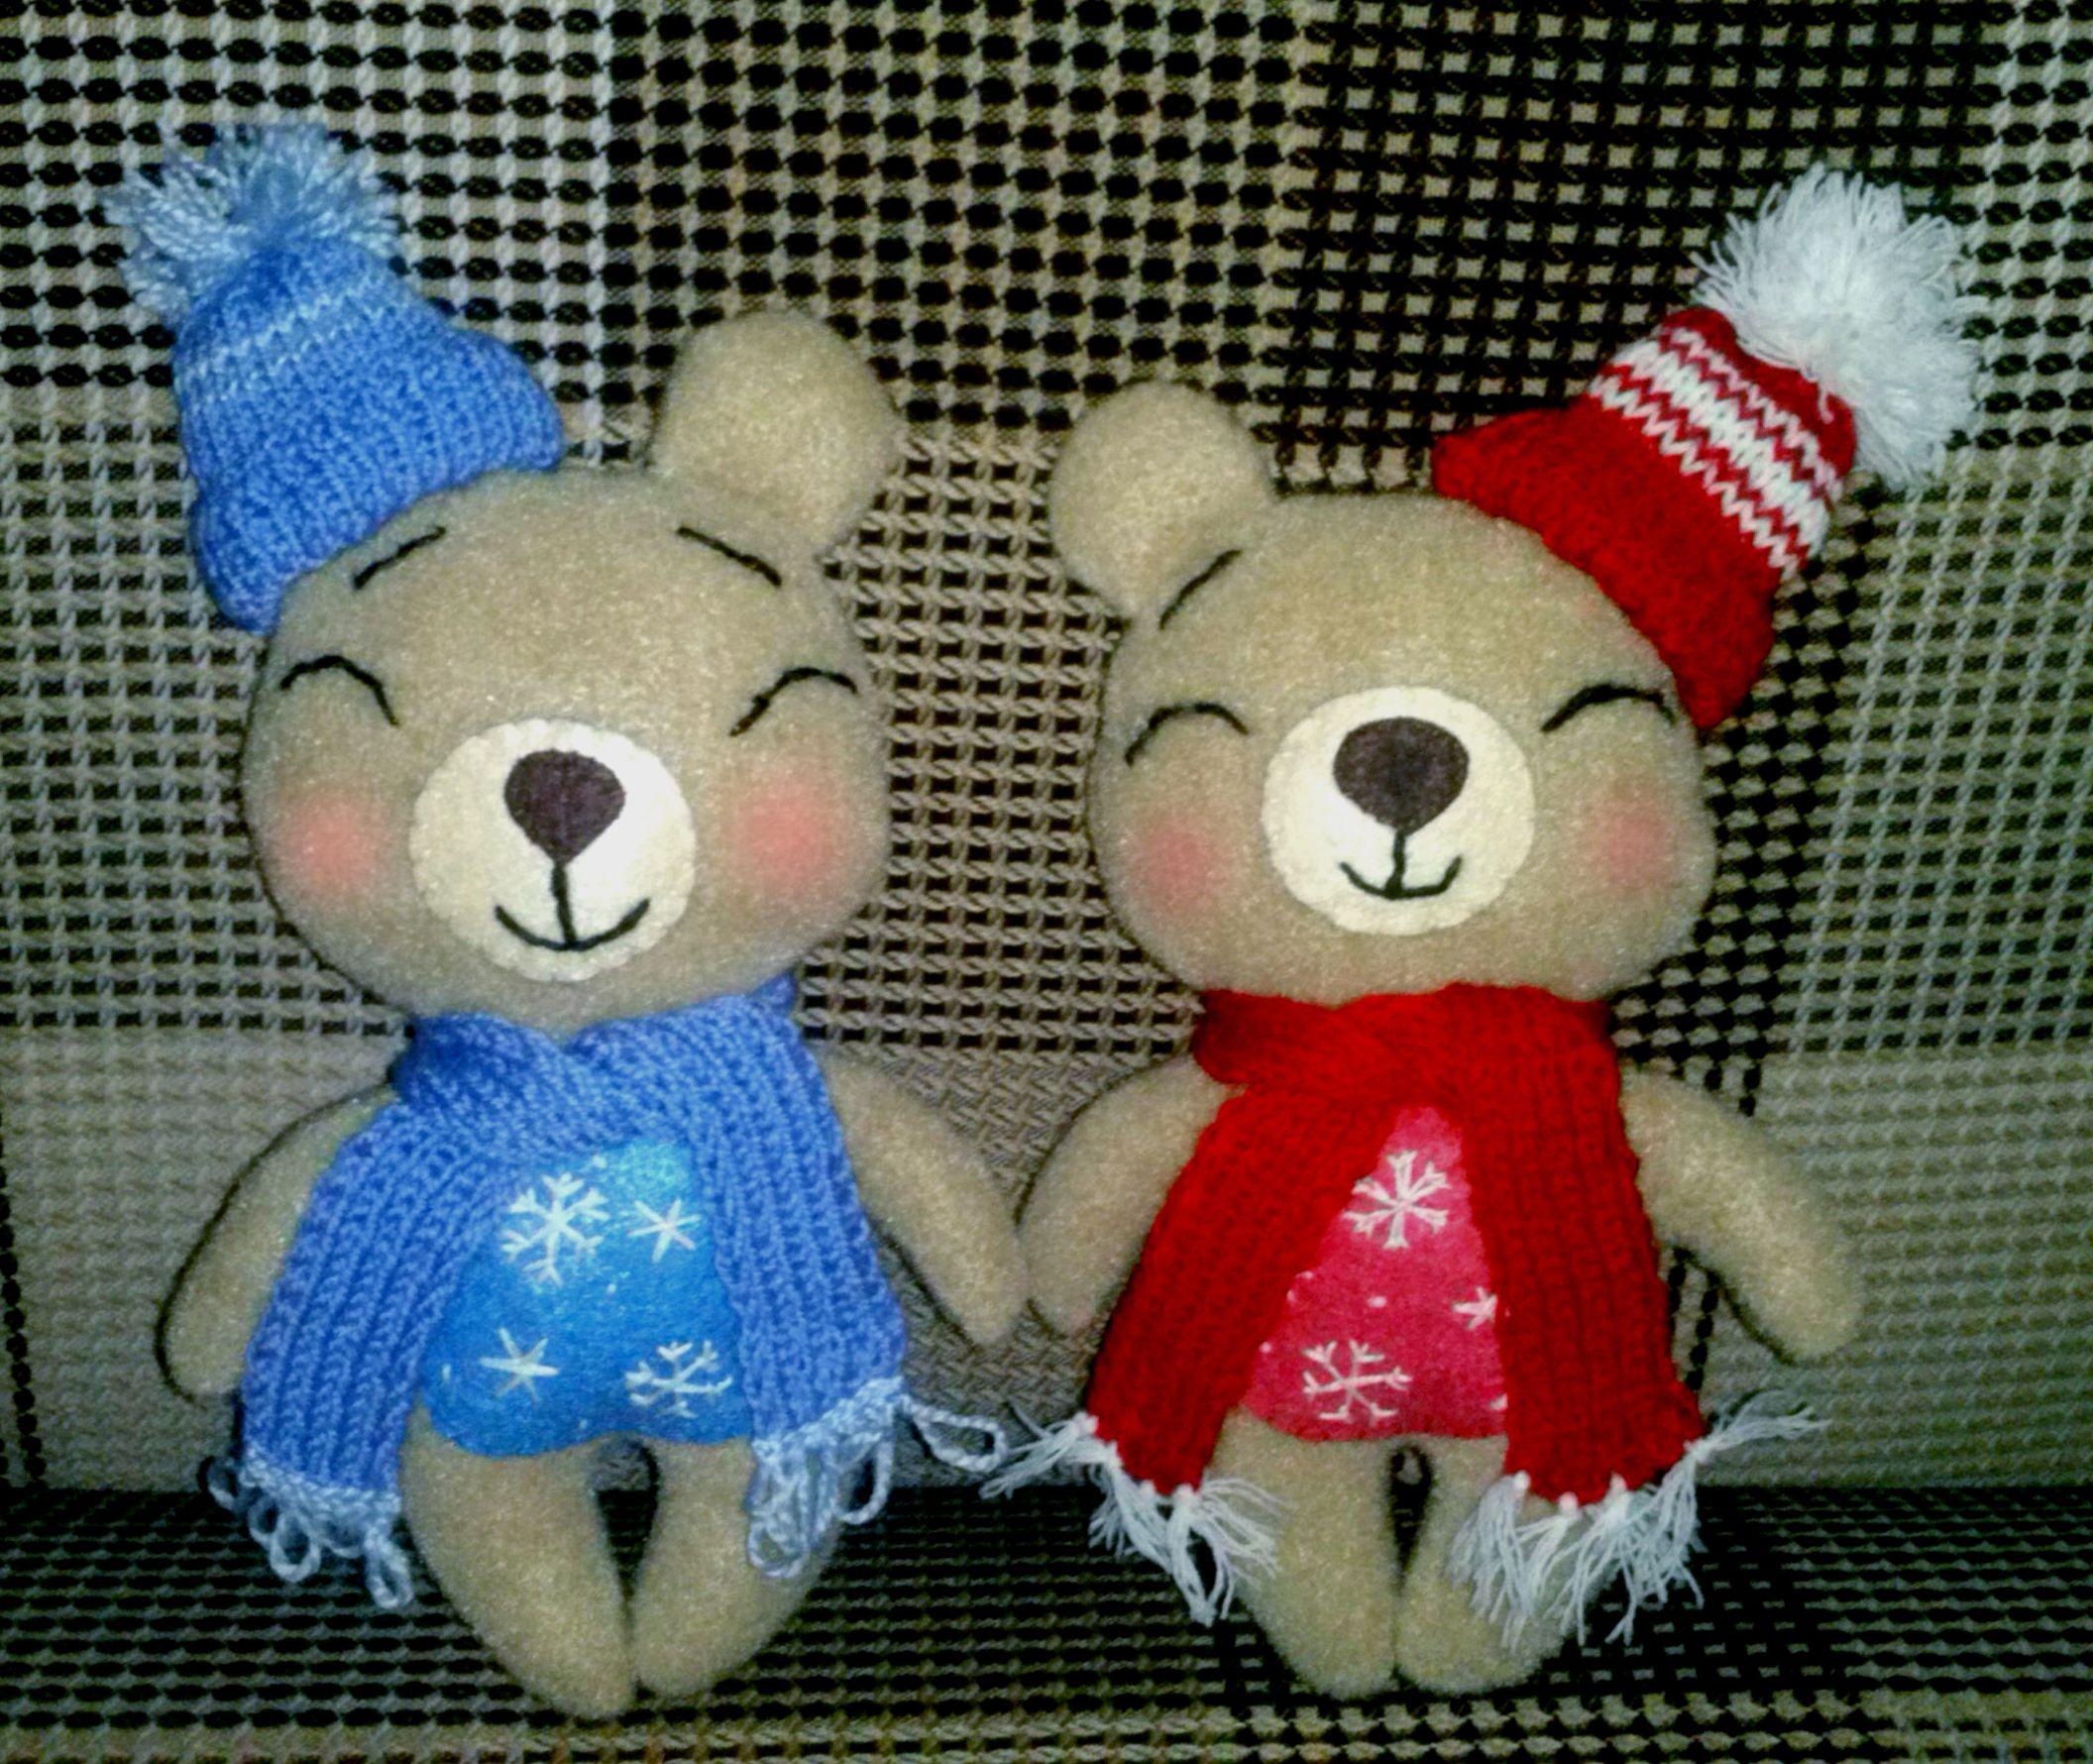 детское handmade вязаная мишки ручная игрушка продажа мишка хендмейд из ручнаяработа подарок